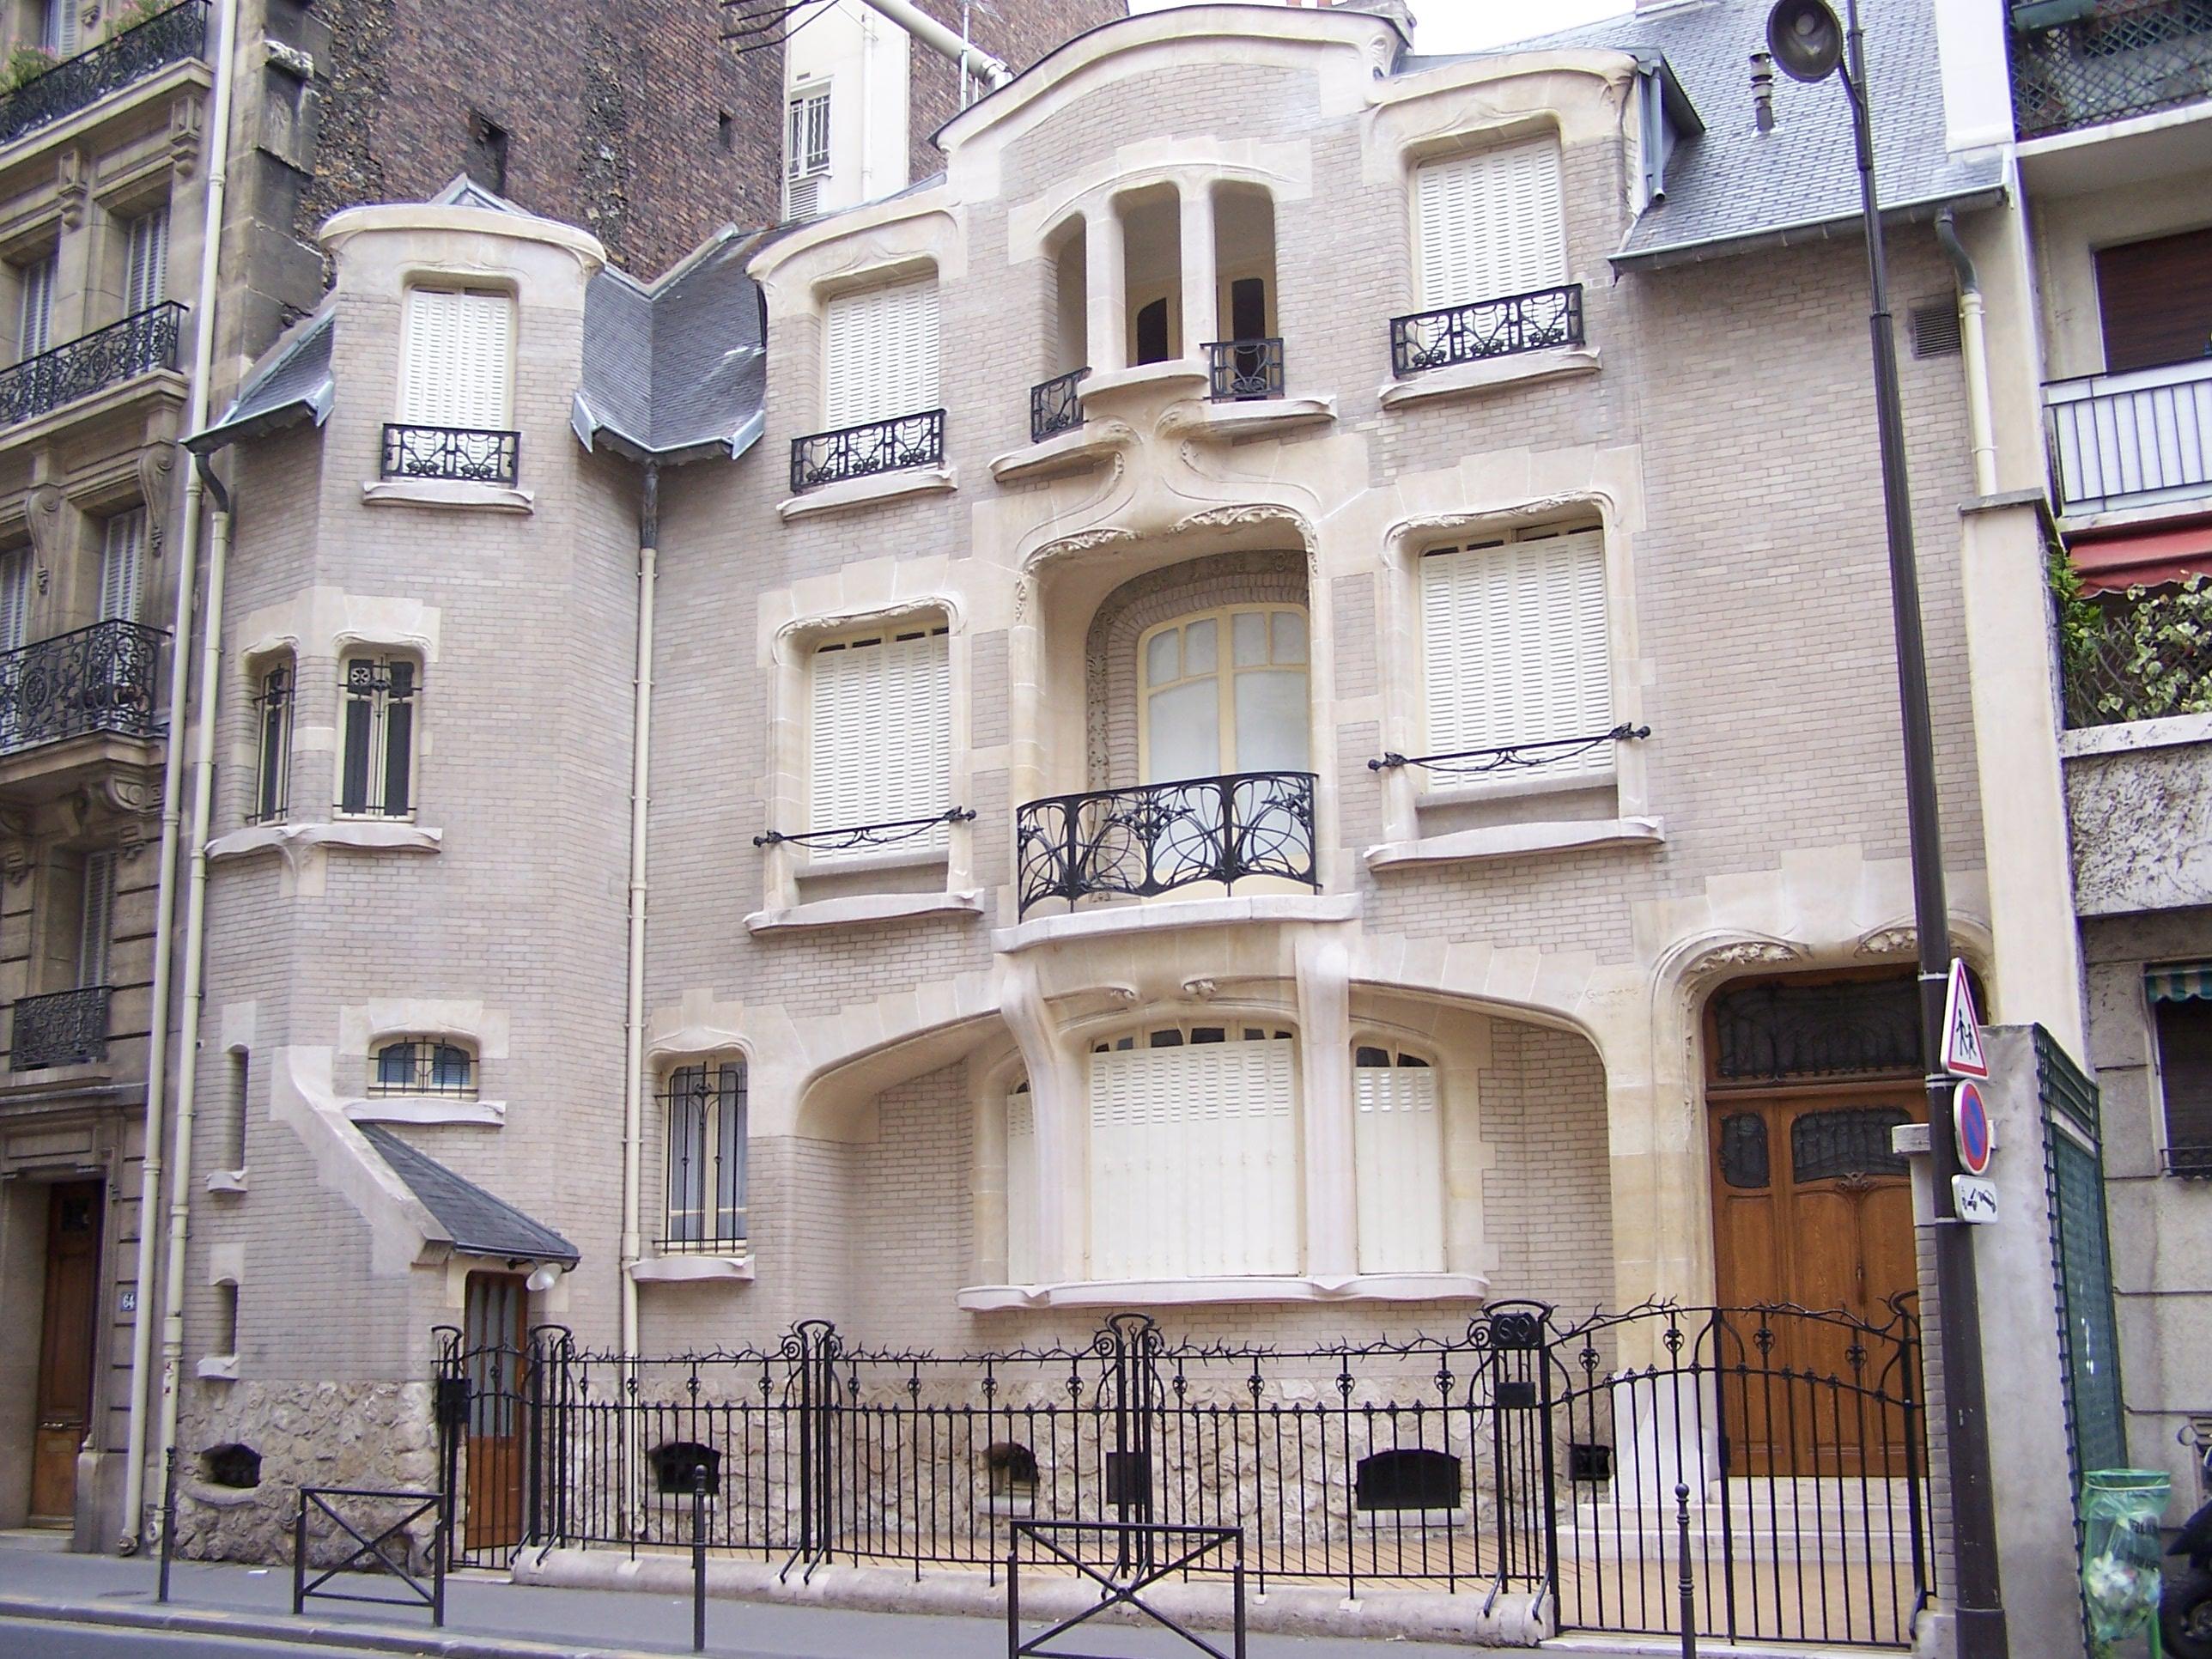 Des joyaux de l'architecture parisienne galvaudés - Page 2 Paris_Hotel_Mezzara02